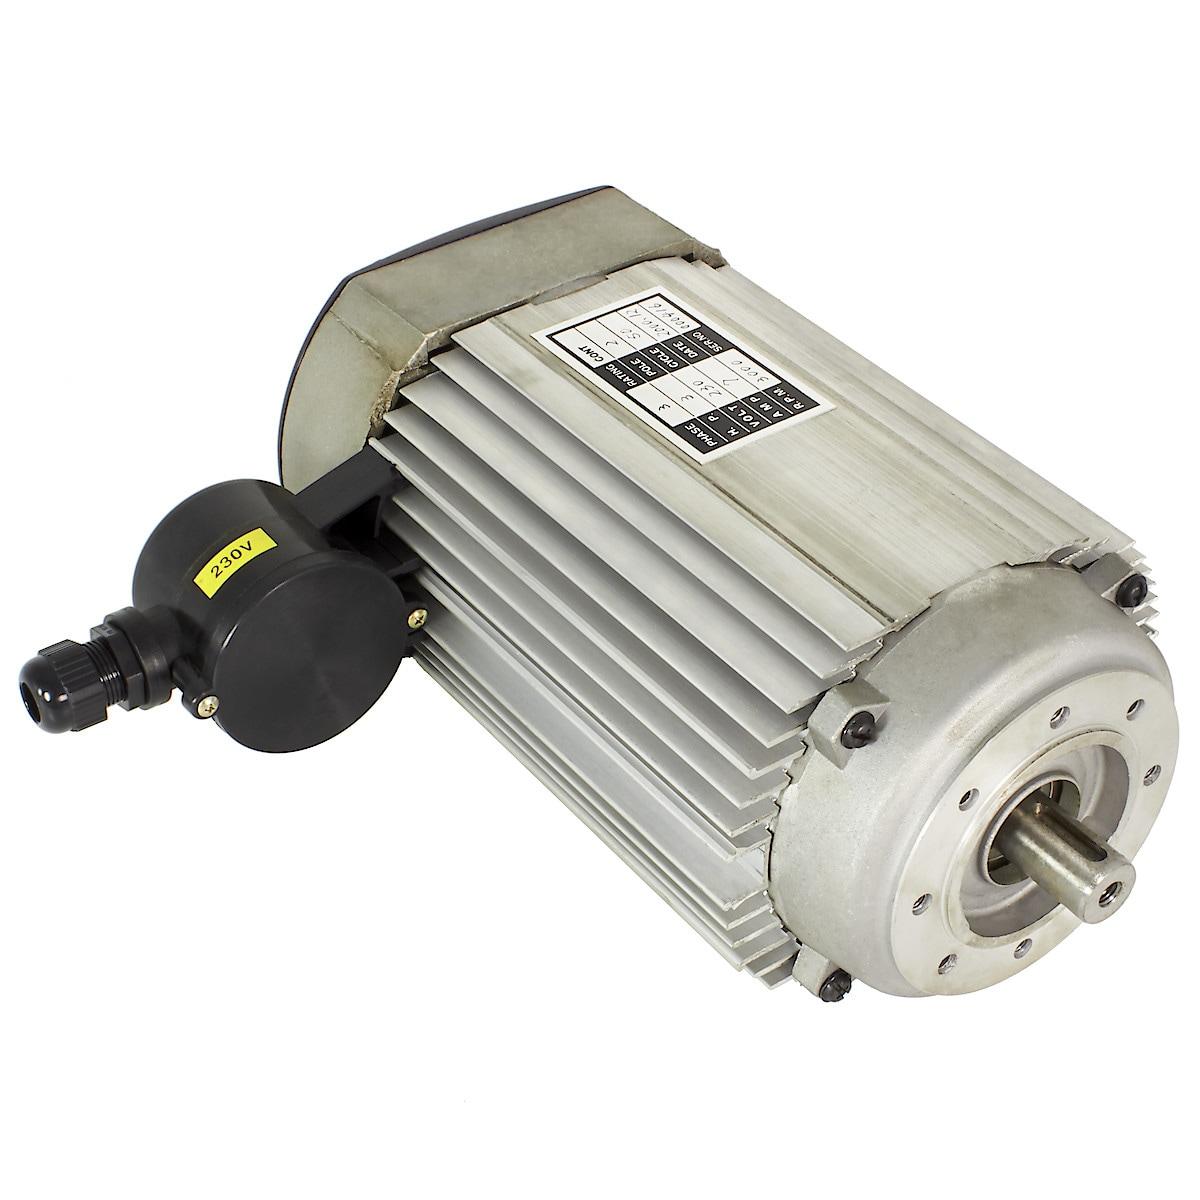 3-Phasen-Motor 230 V